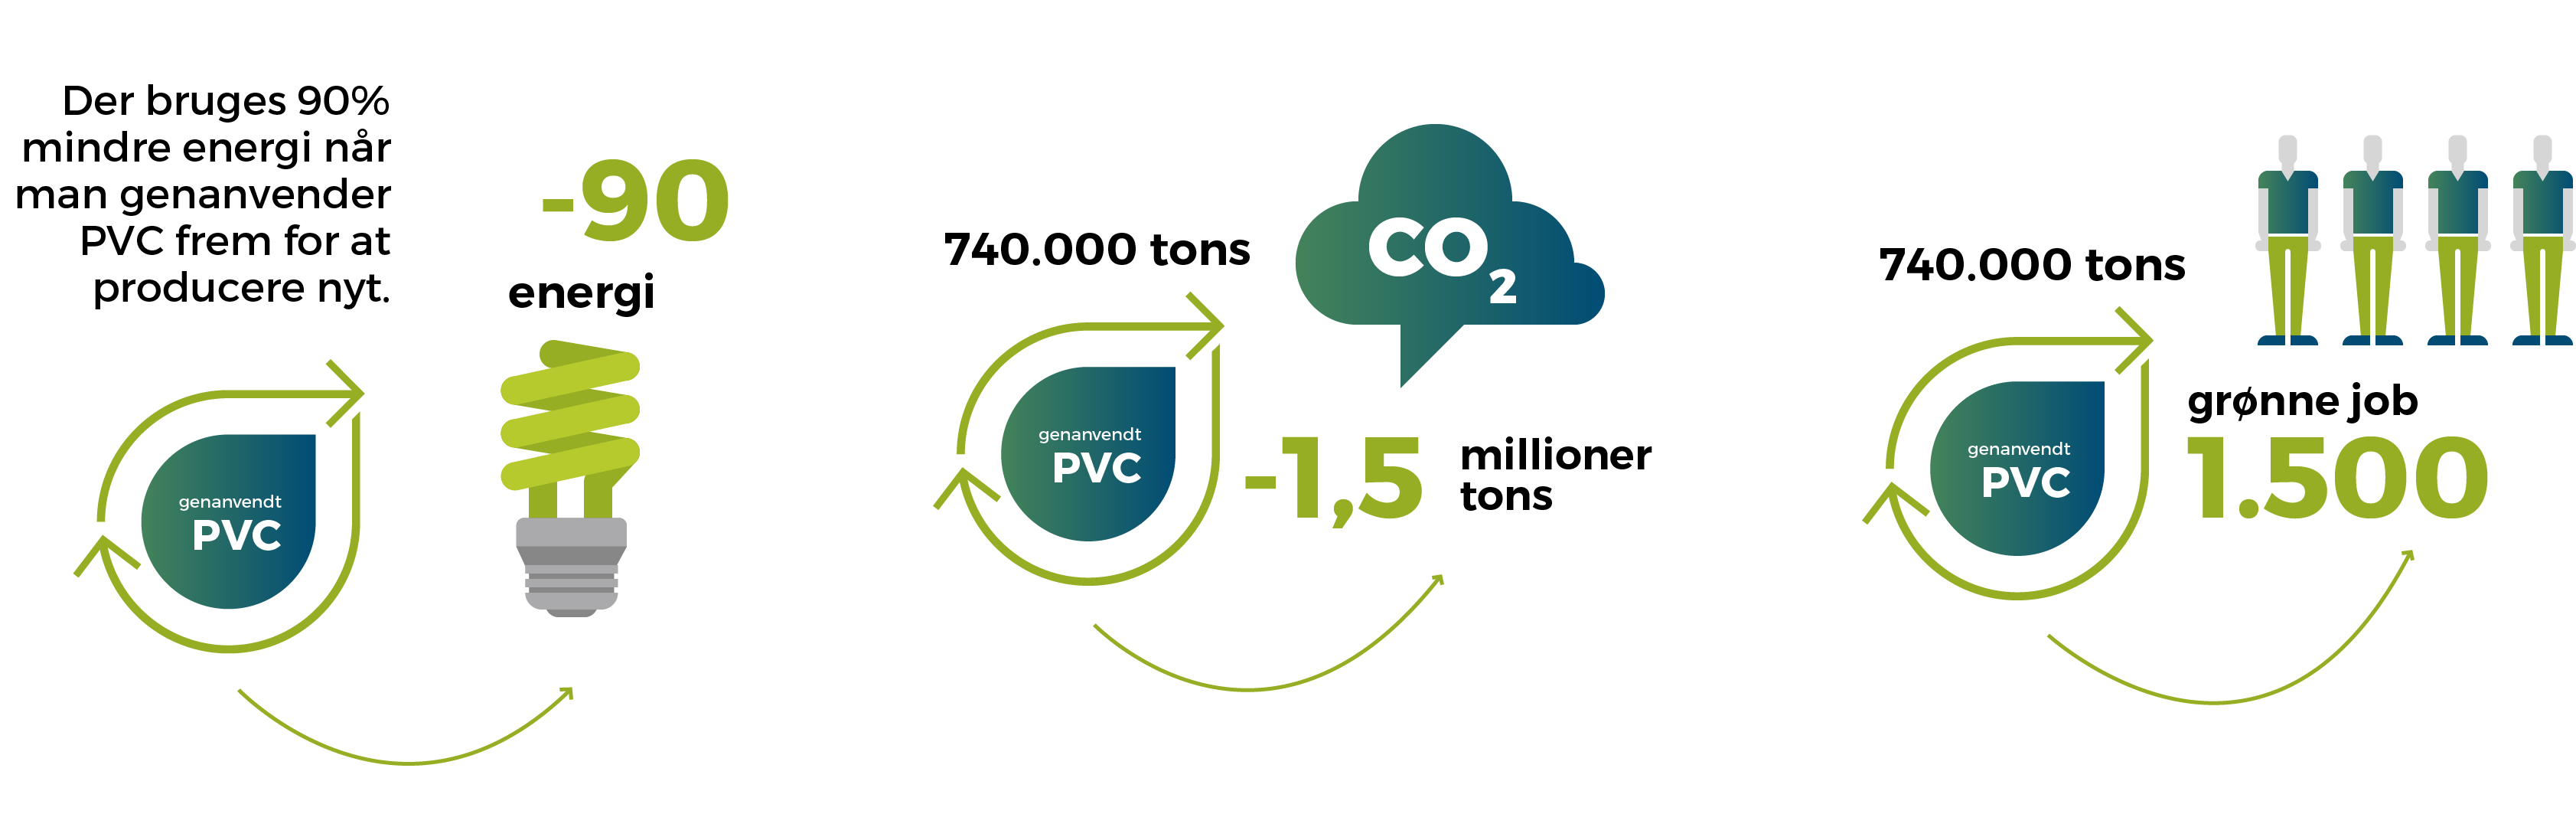 pvc genanvendelse klima